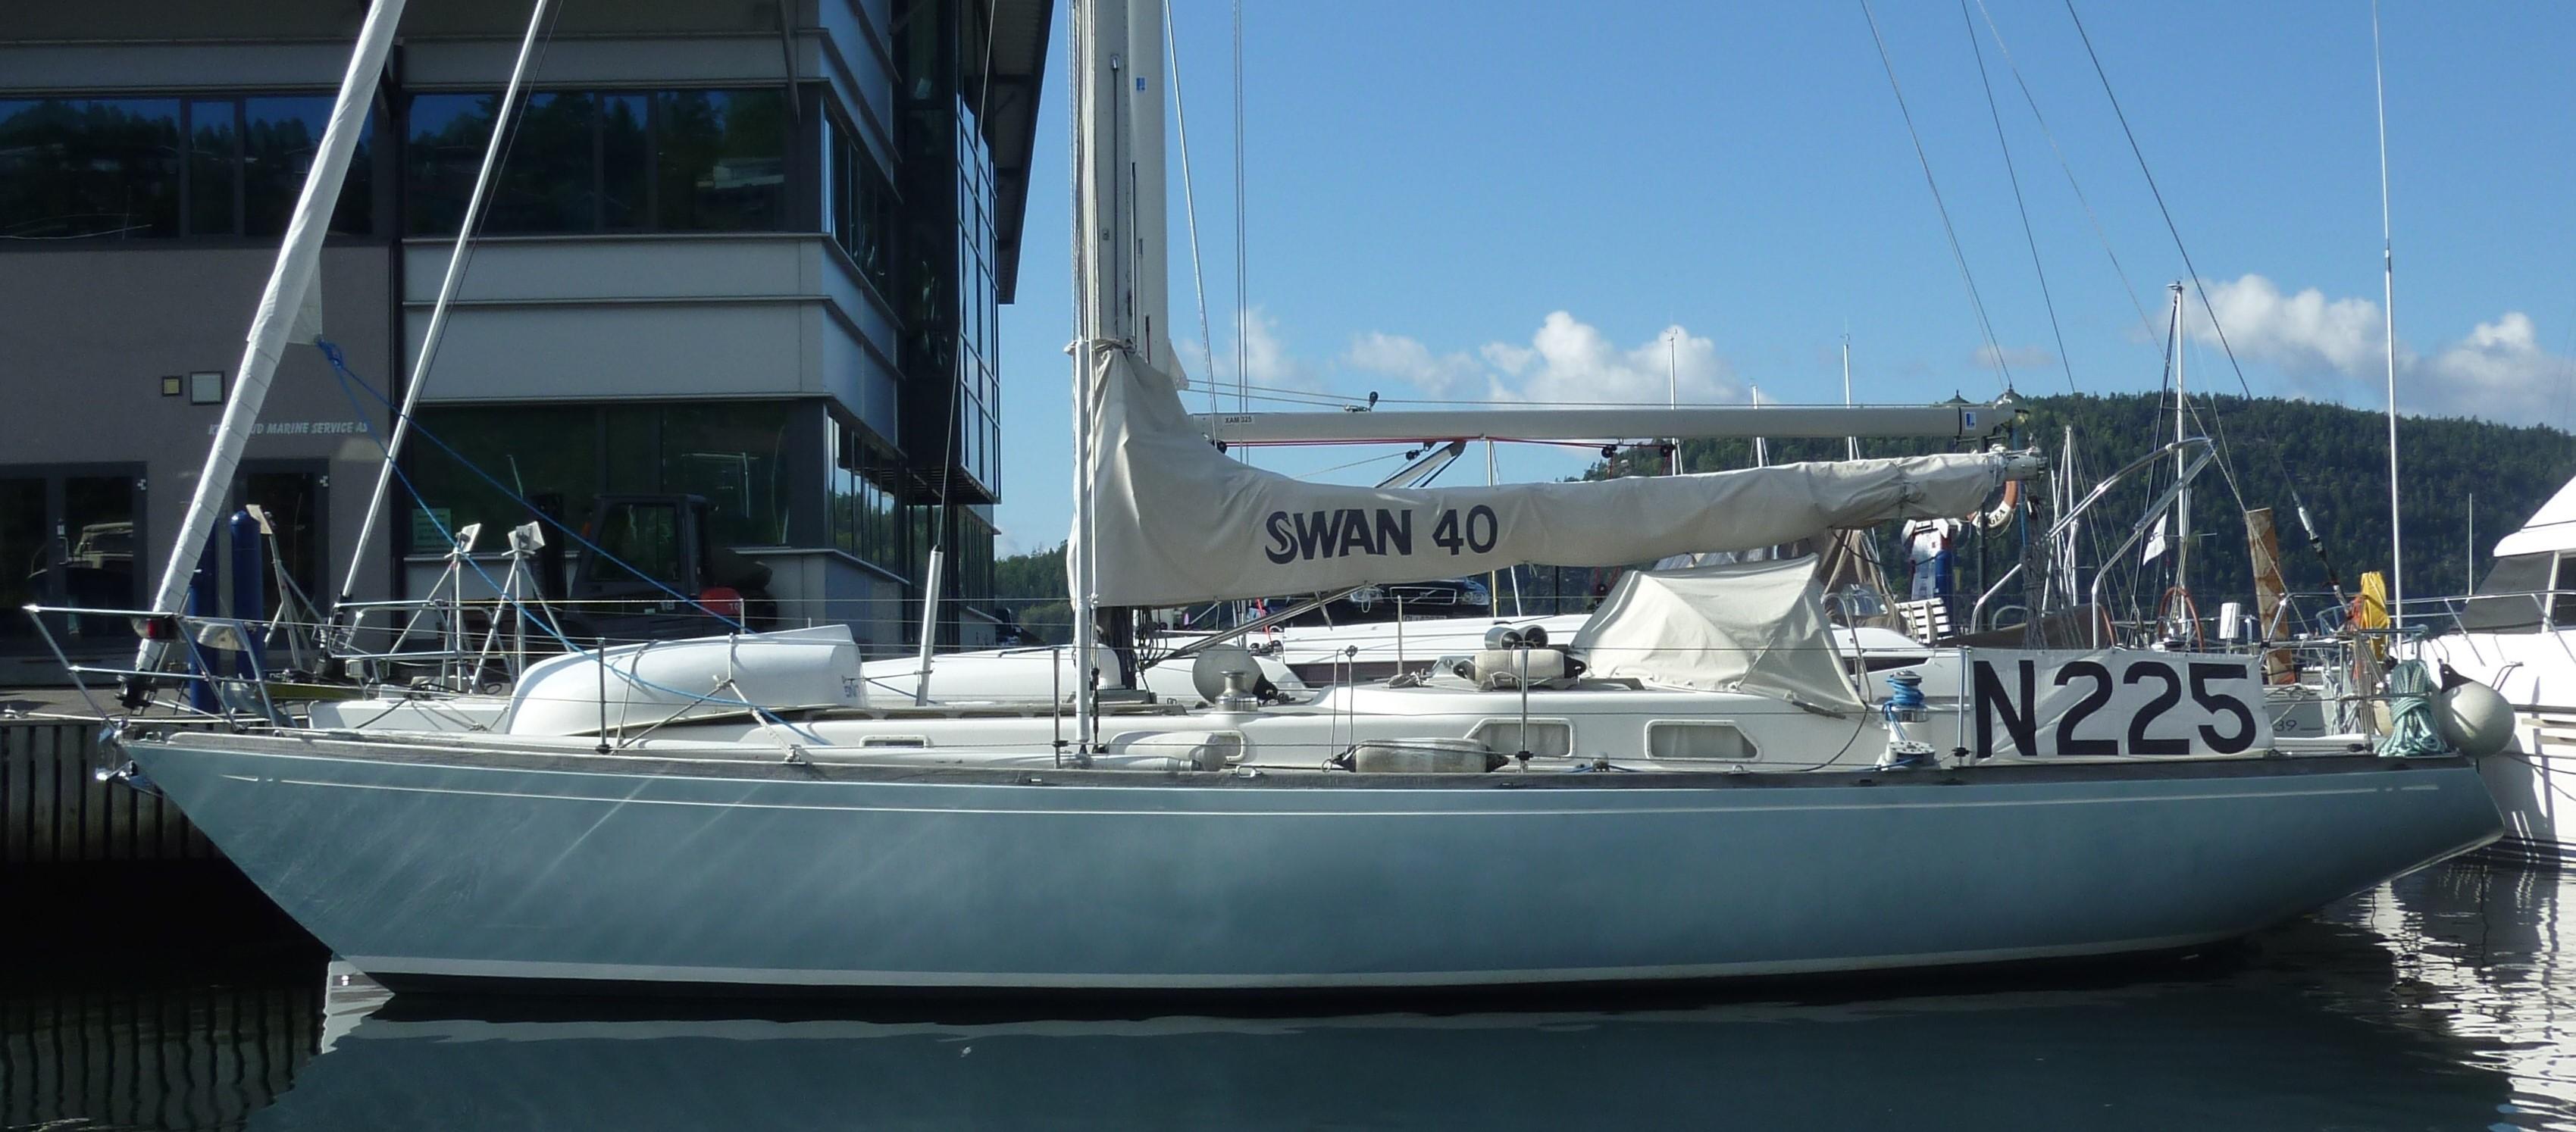 Swan 40 bomtrekk med logo